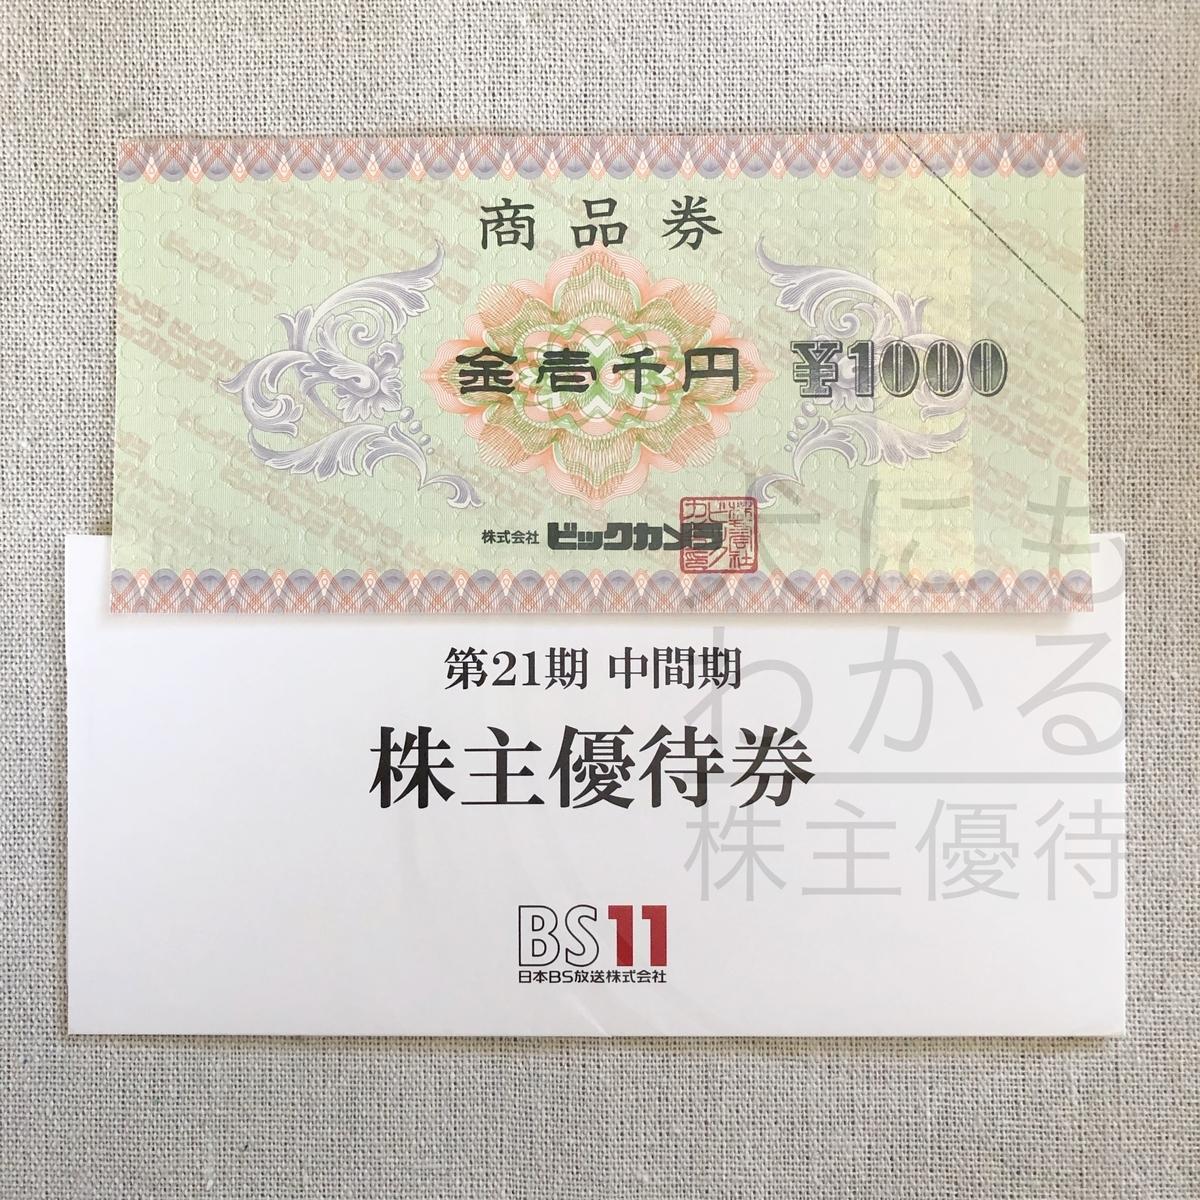 日本BS放送株式会社 株主優待品